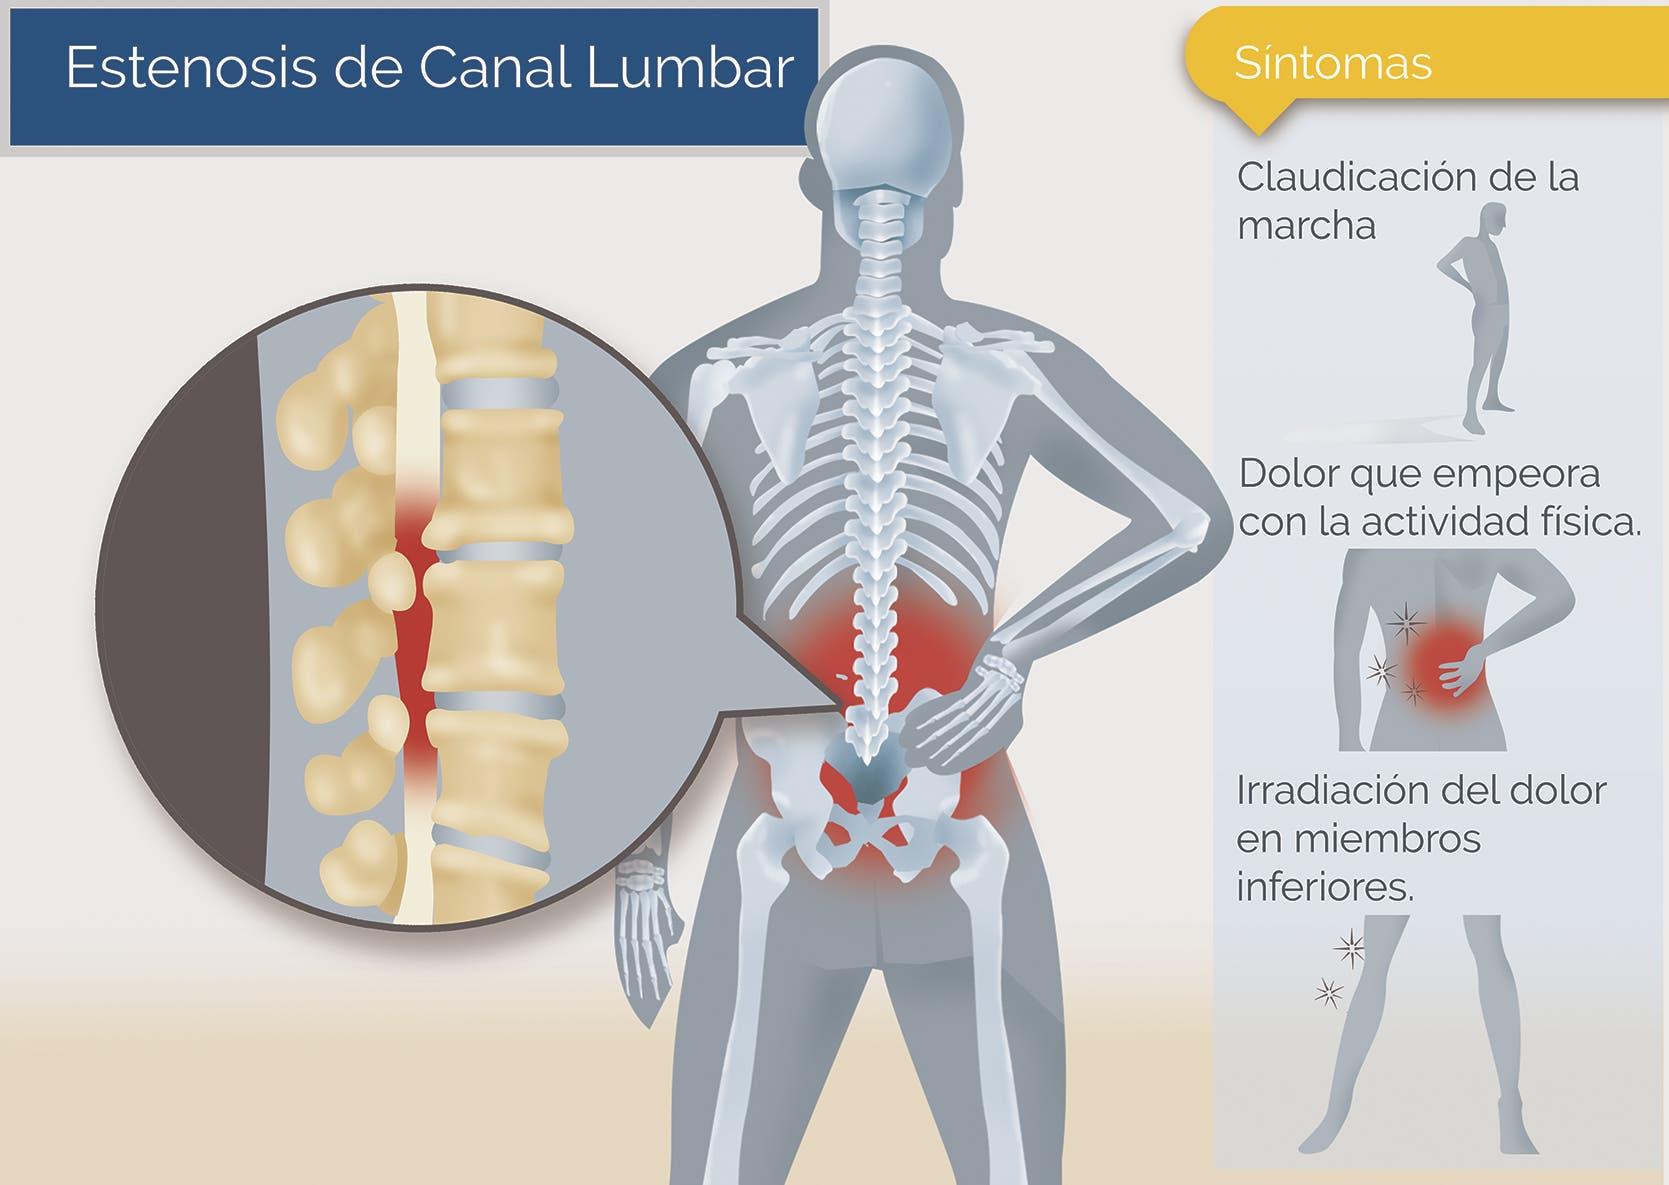 Estenosis del canal lumbar síntomas